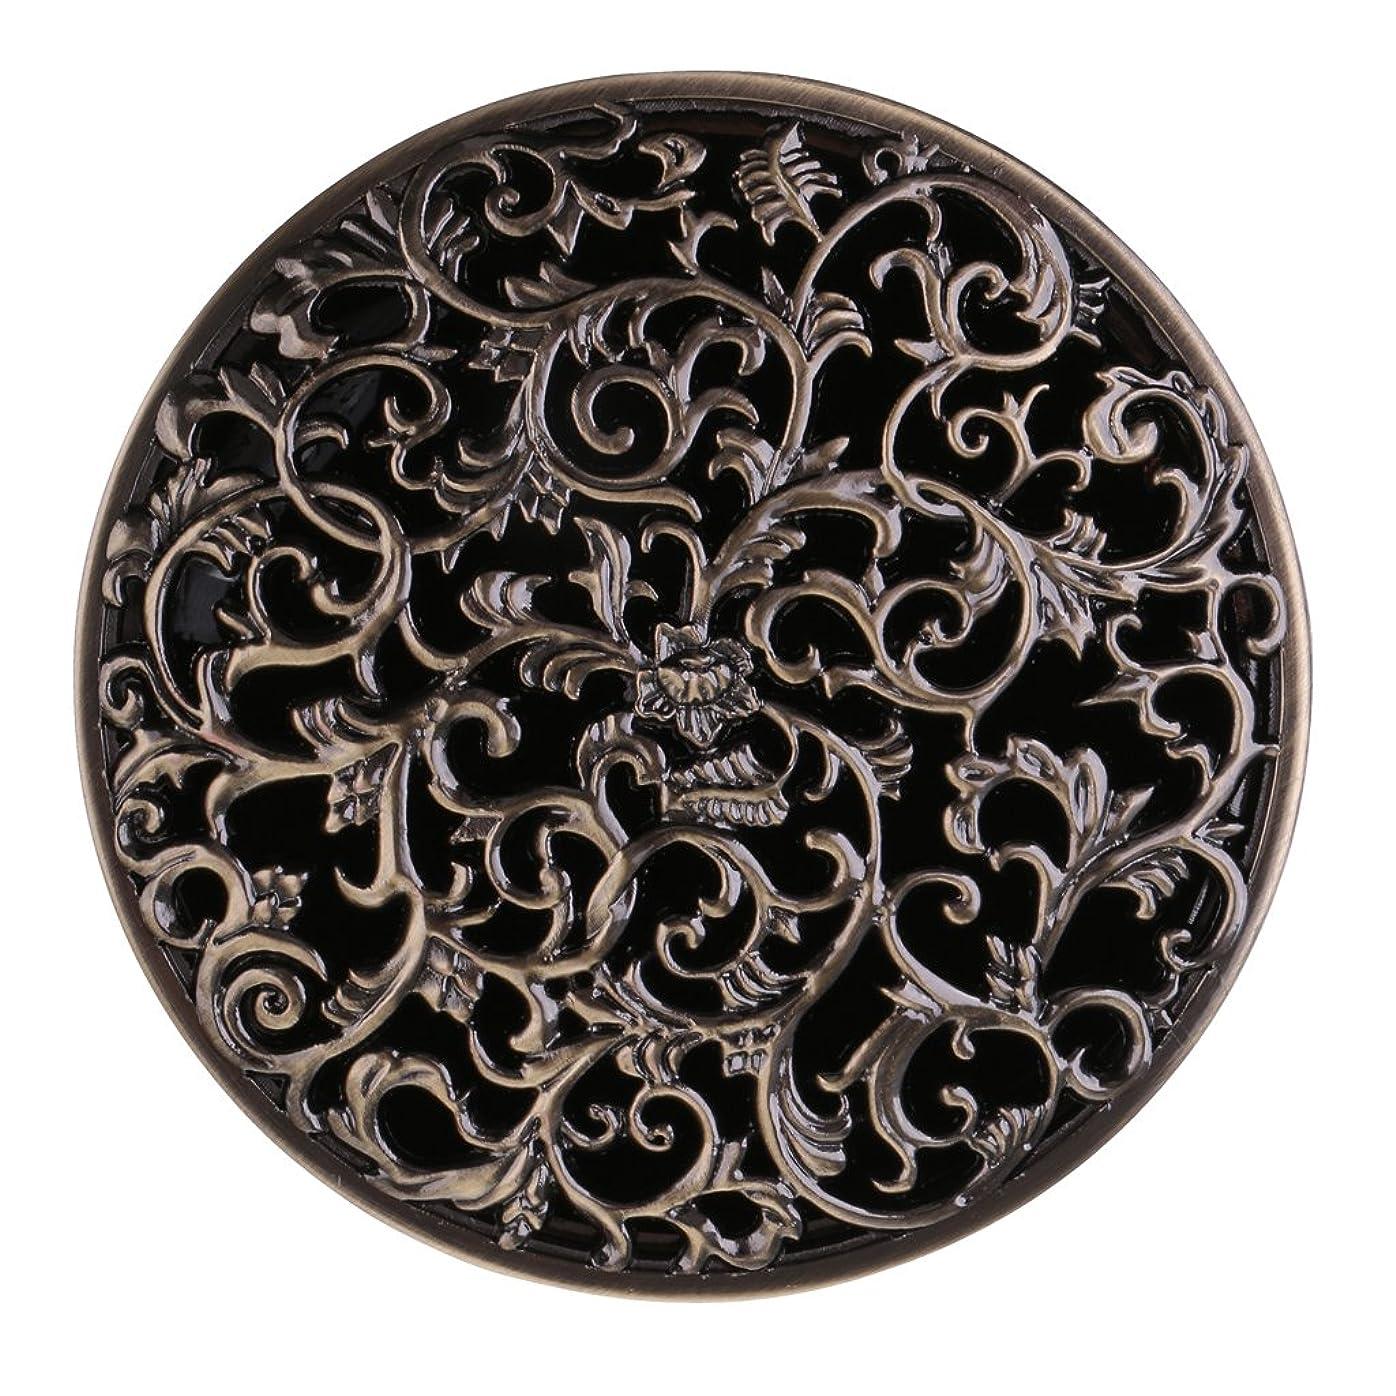 可能にする言う契約するBaoblaze チベット 合金 香炉 コーンホルダー 仏教 香りバーナー ボックス 家 装飾 全3色   - ブロンズ